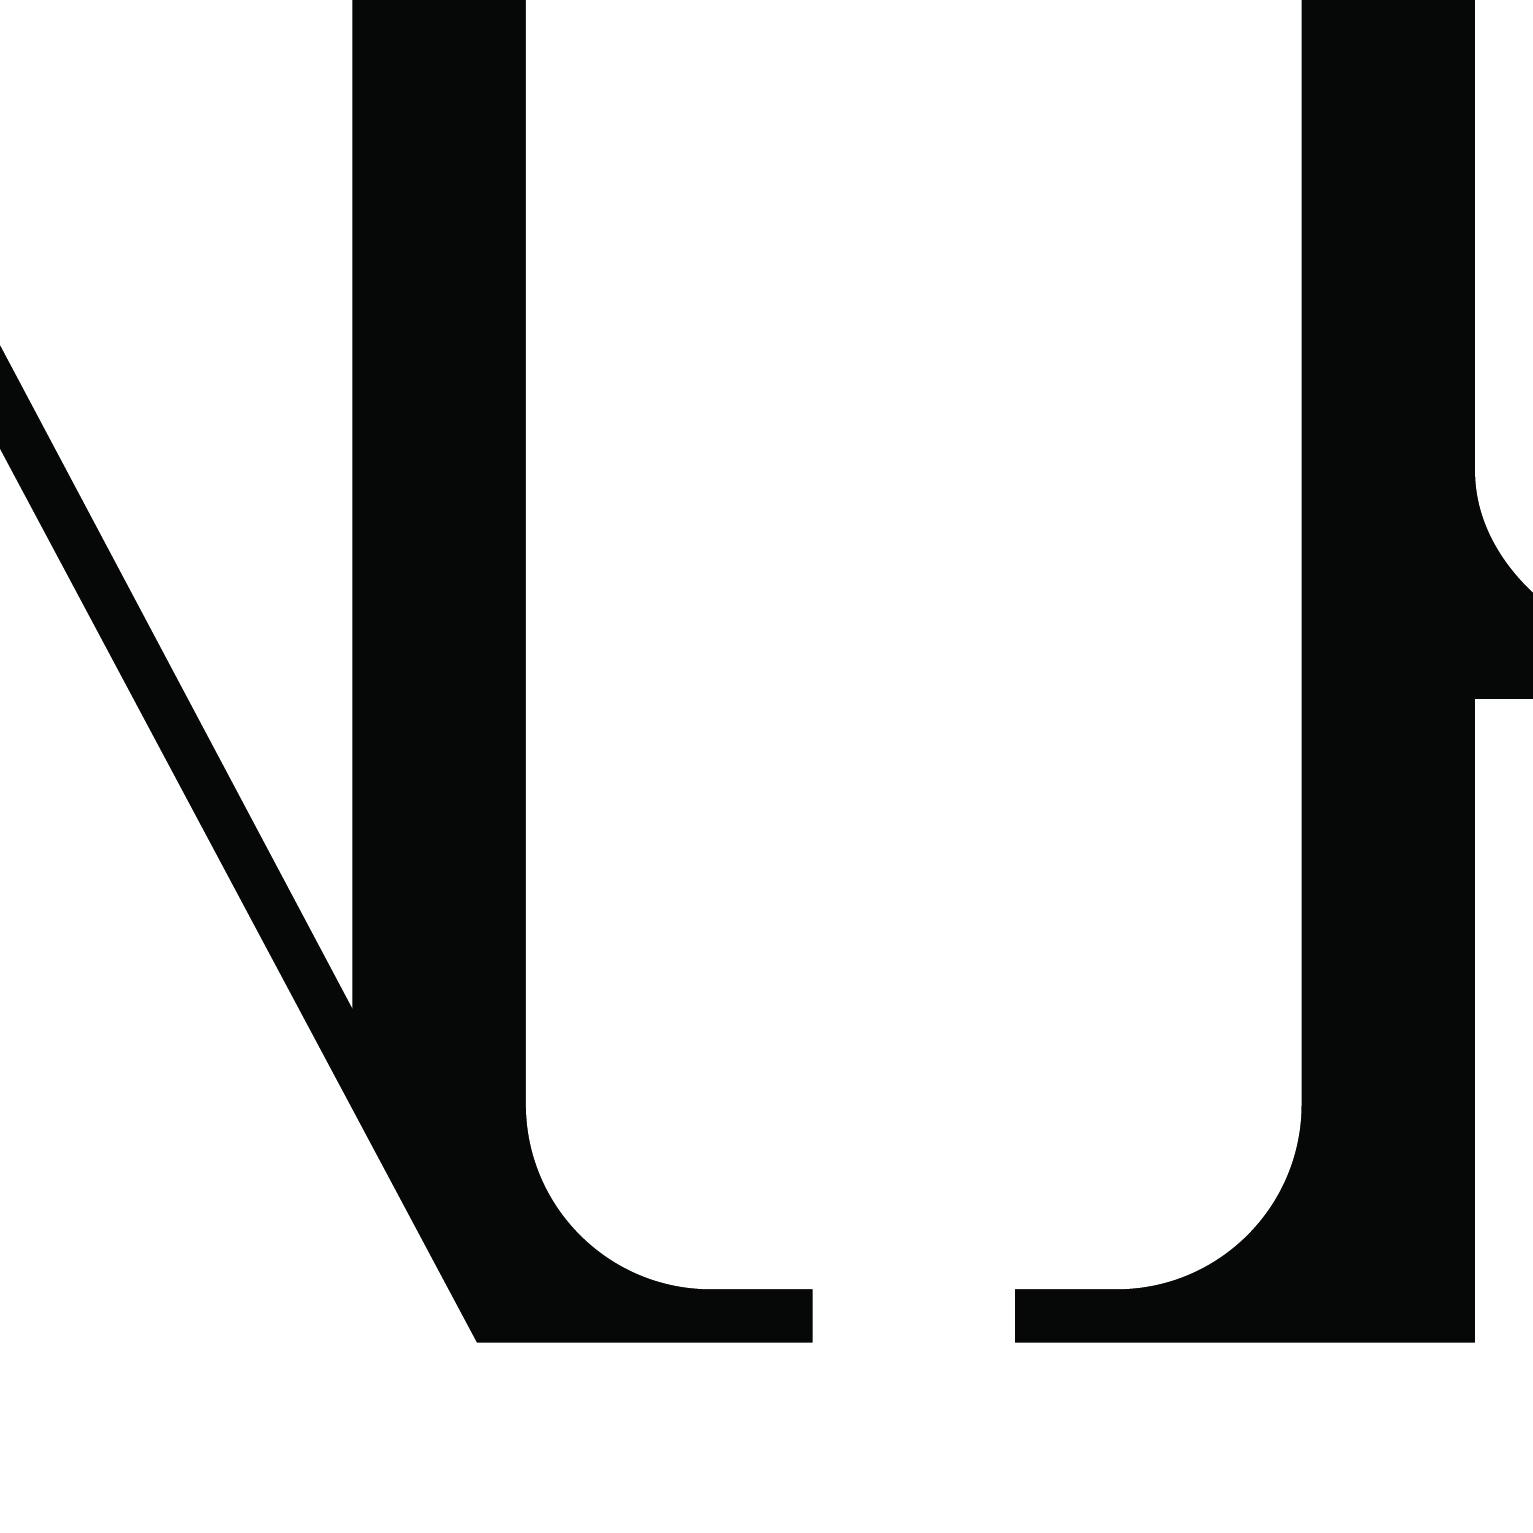 Vaudeville_main_logo-02.jpg